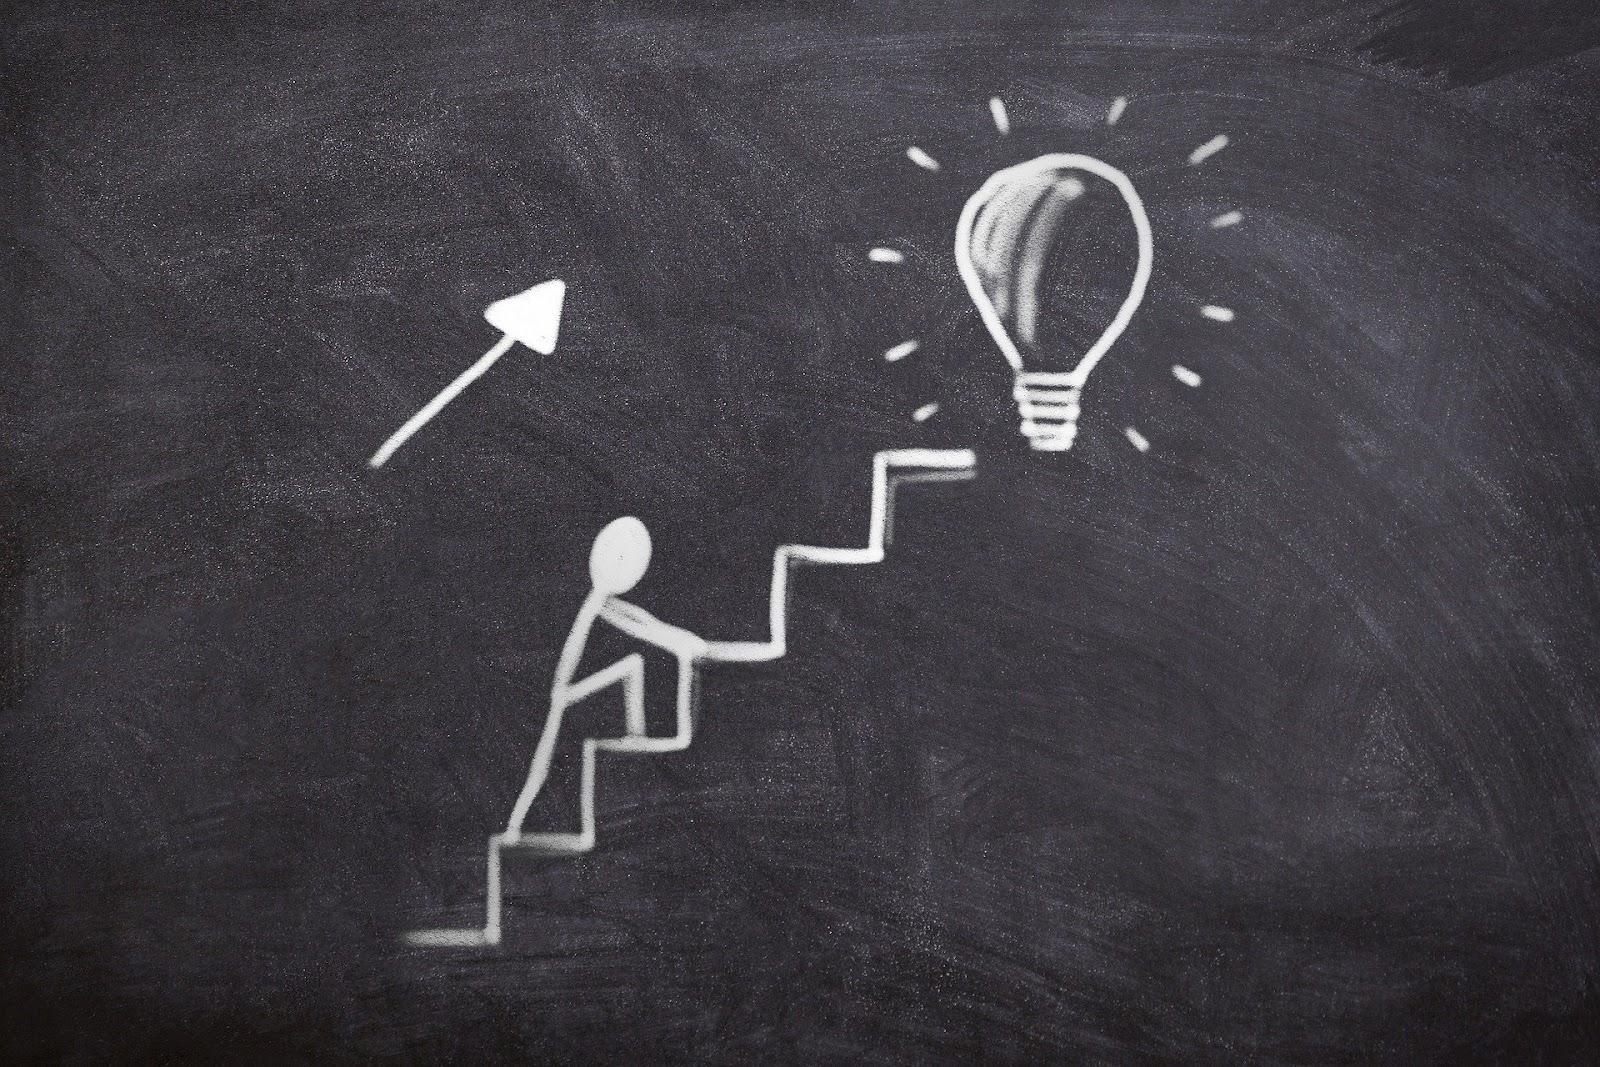 Małe kroki i krótkie materiały wideo to klucz do tego jak skutecznie uczyć online